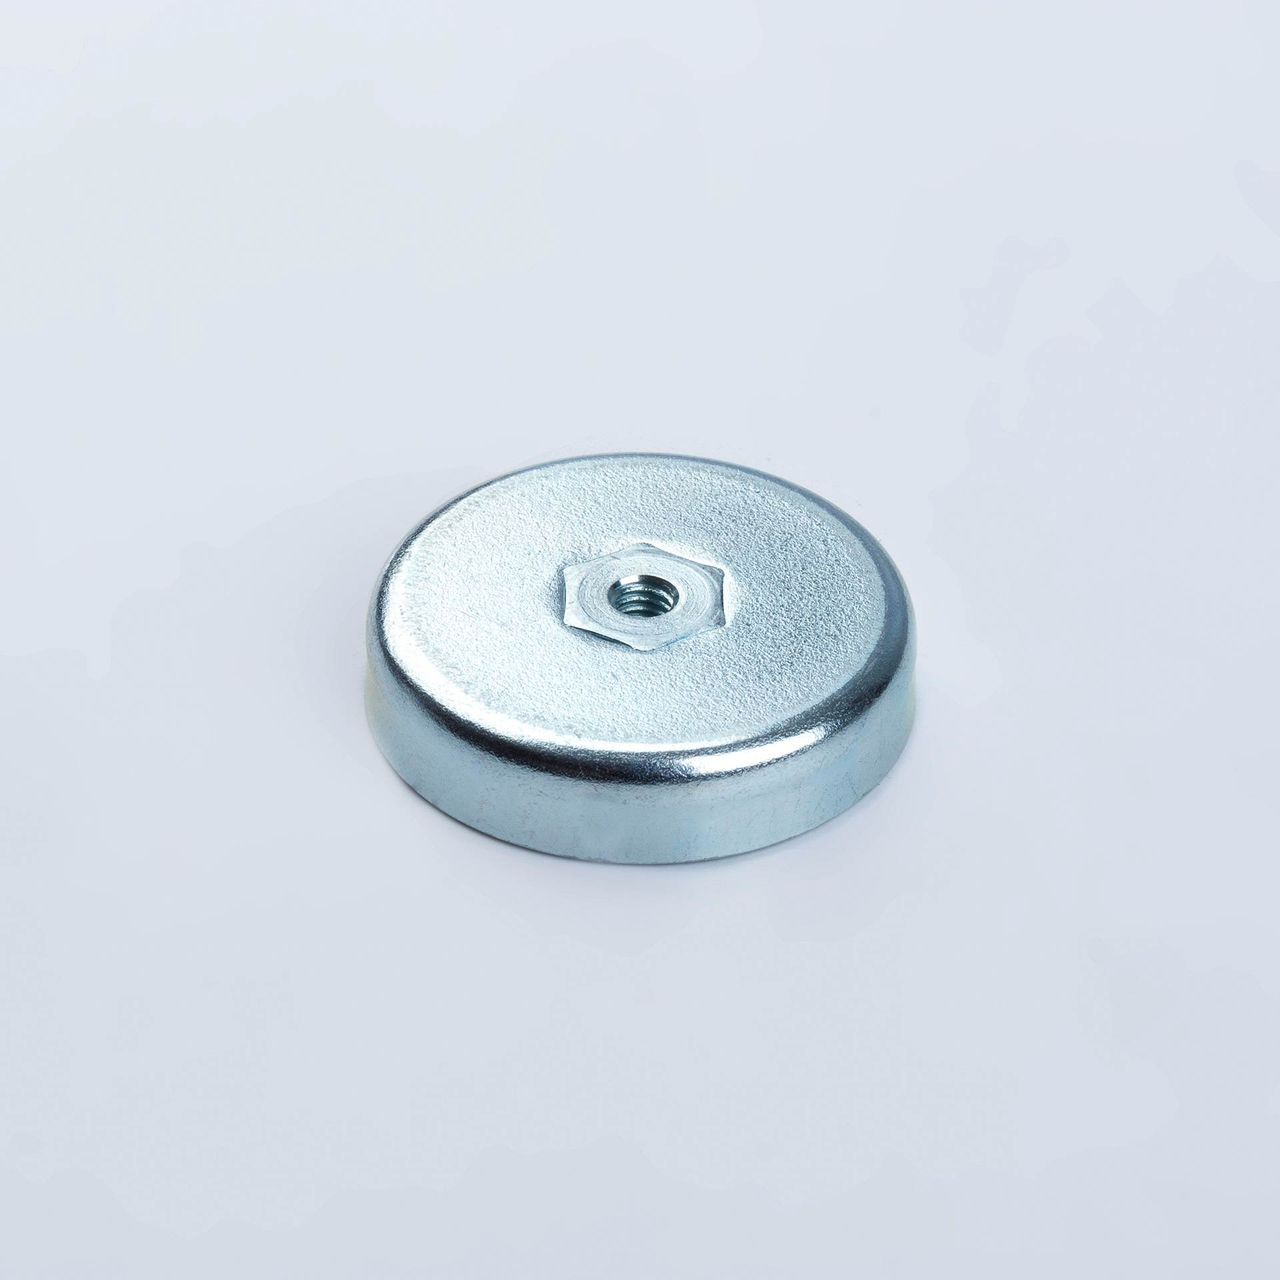 Pot magnet made of hard ferrite with internal thread, galvanized, thyssenkrupp Magnettechnik